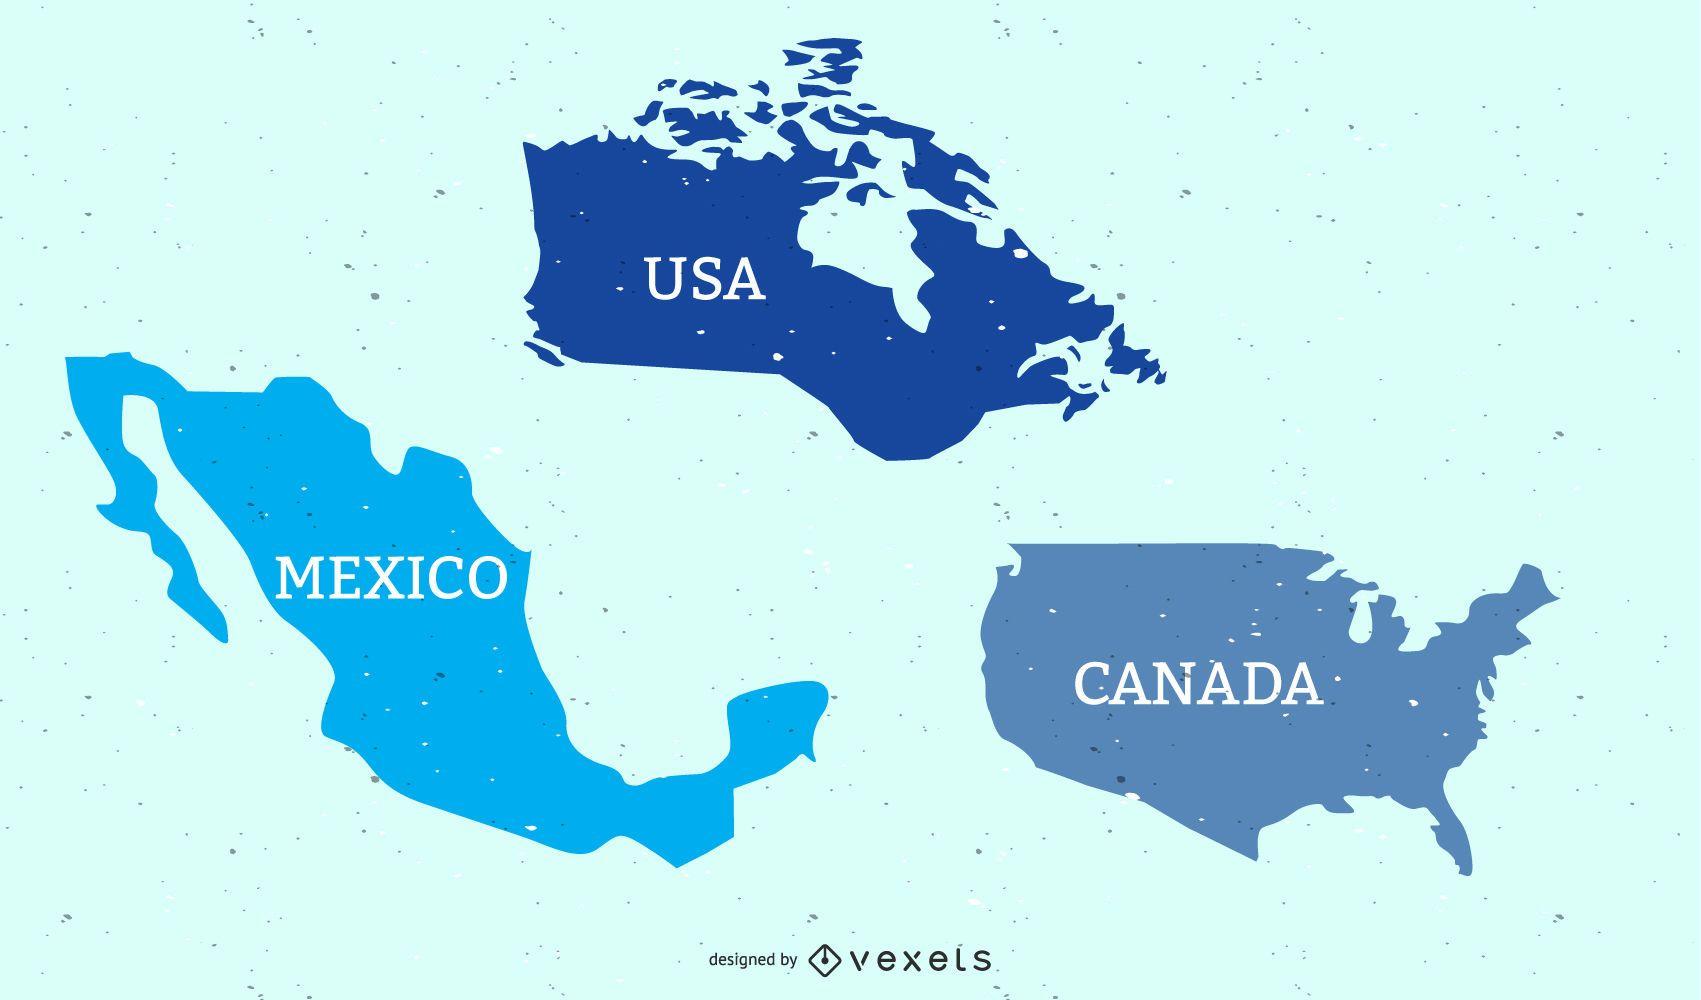 Mapa plano de Estados Unidos Canad? y M?xico